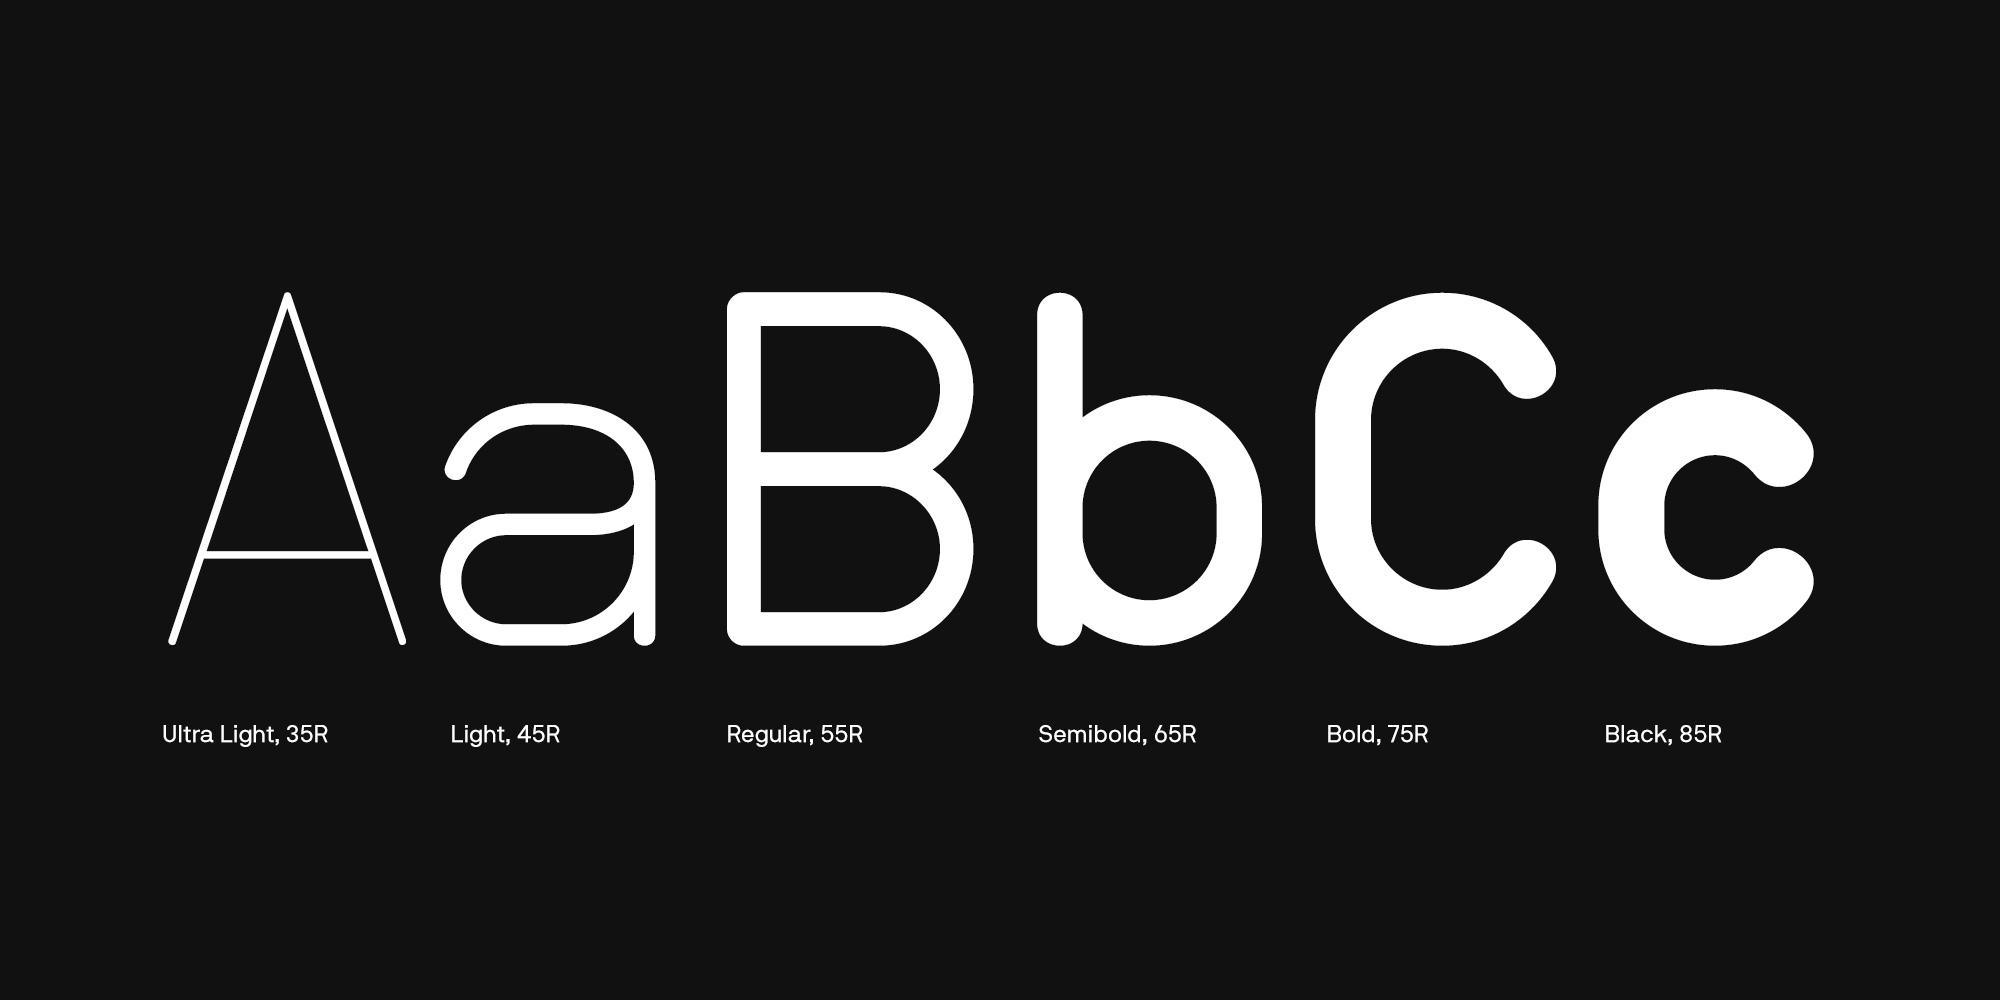 NBL_NBG_R_ABC_2015ED